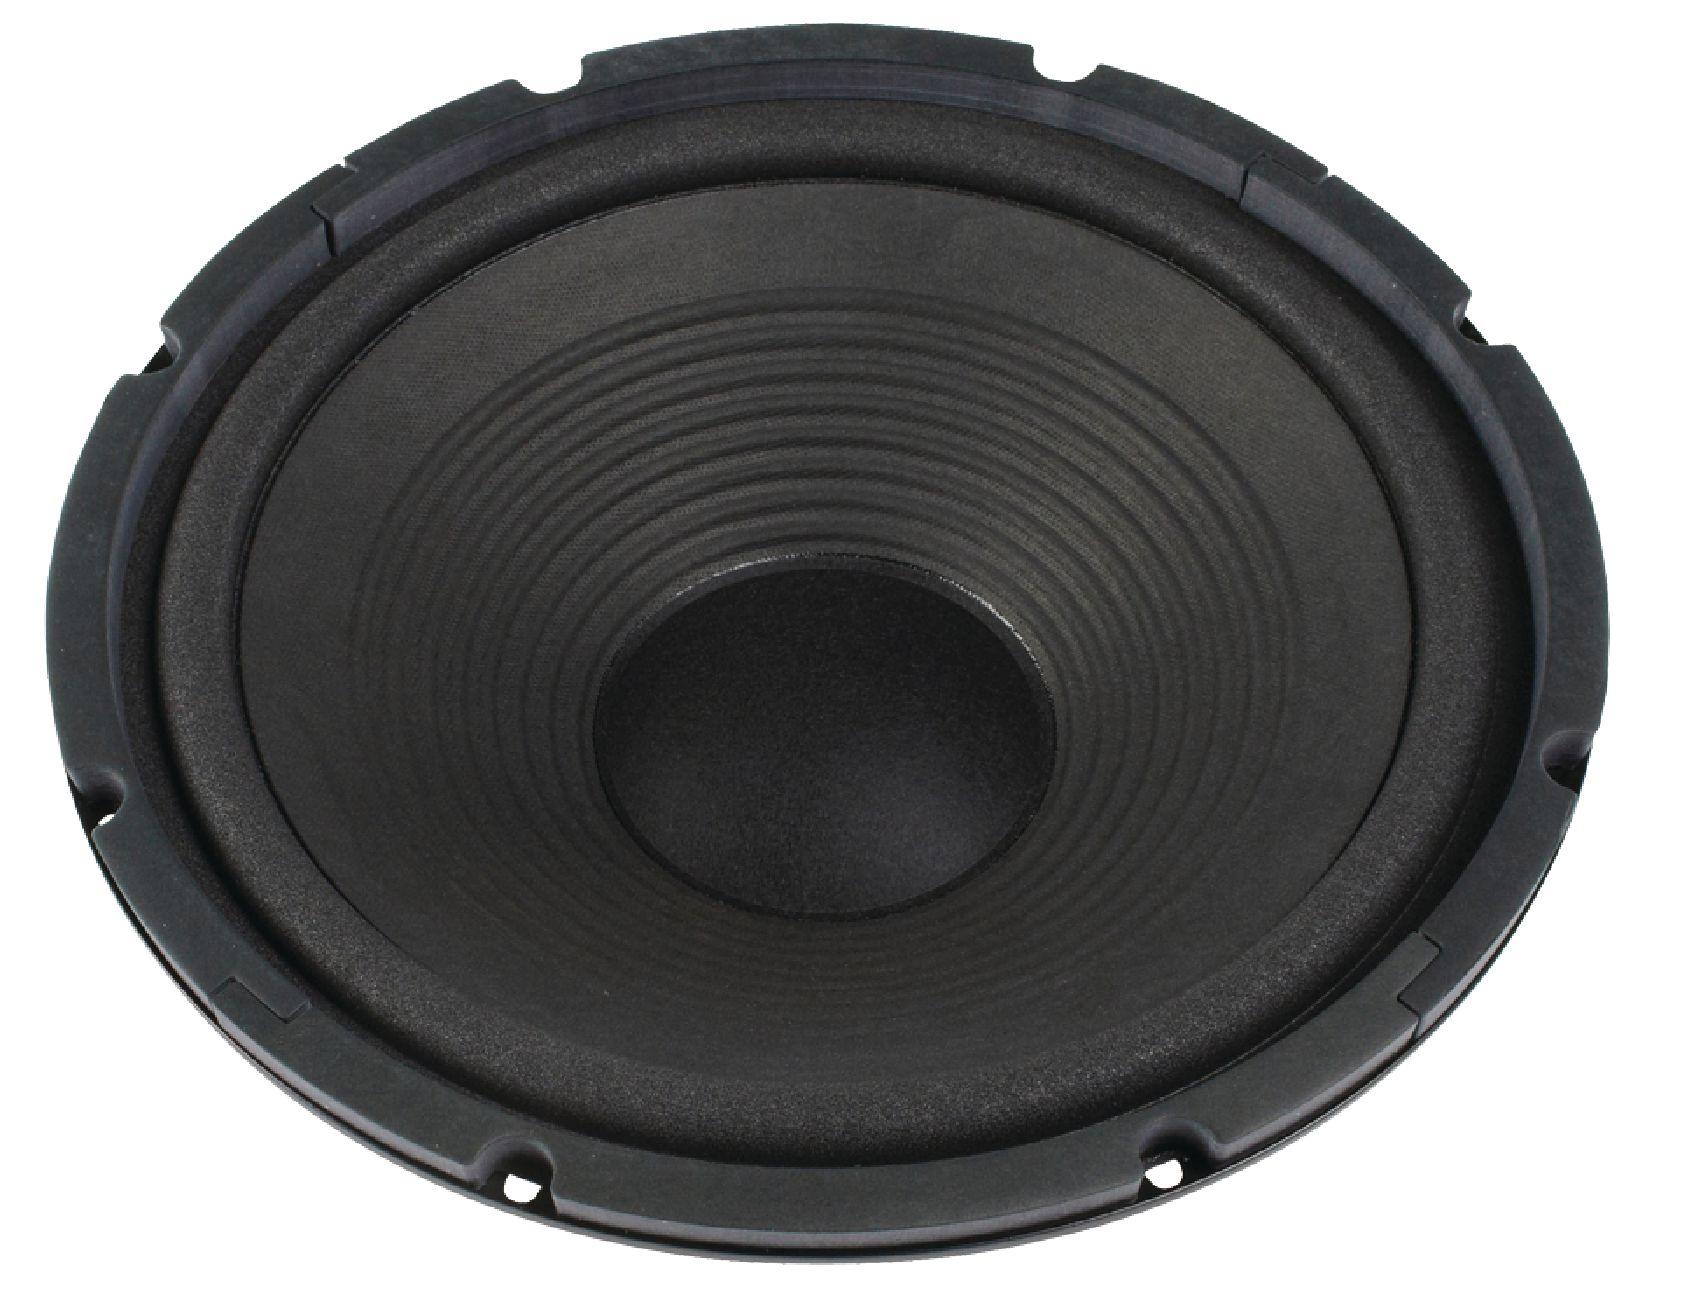 Basový reproduktor 8 Ohm 180 W Visaton, VS-W300/8